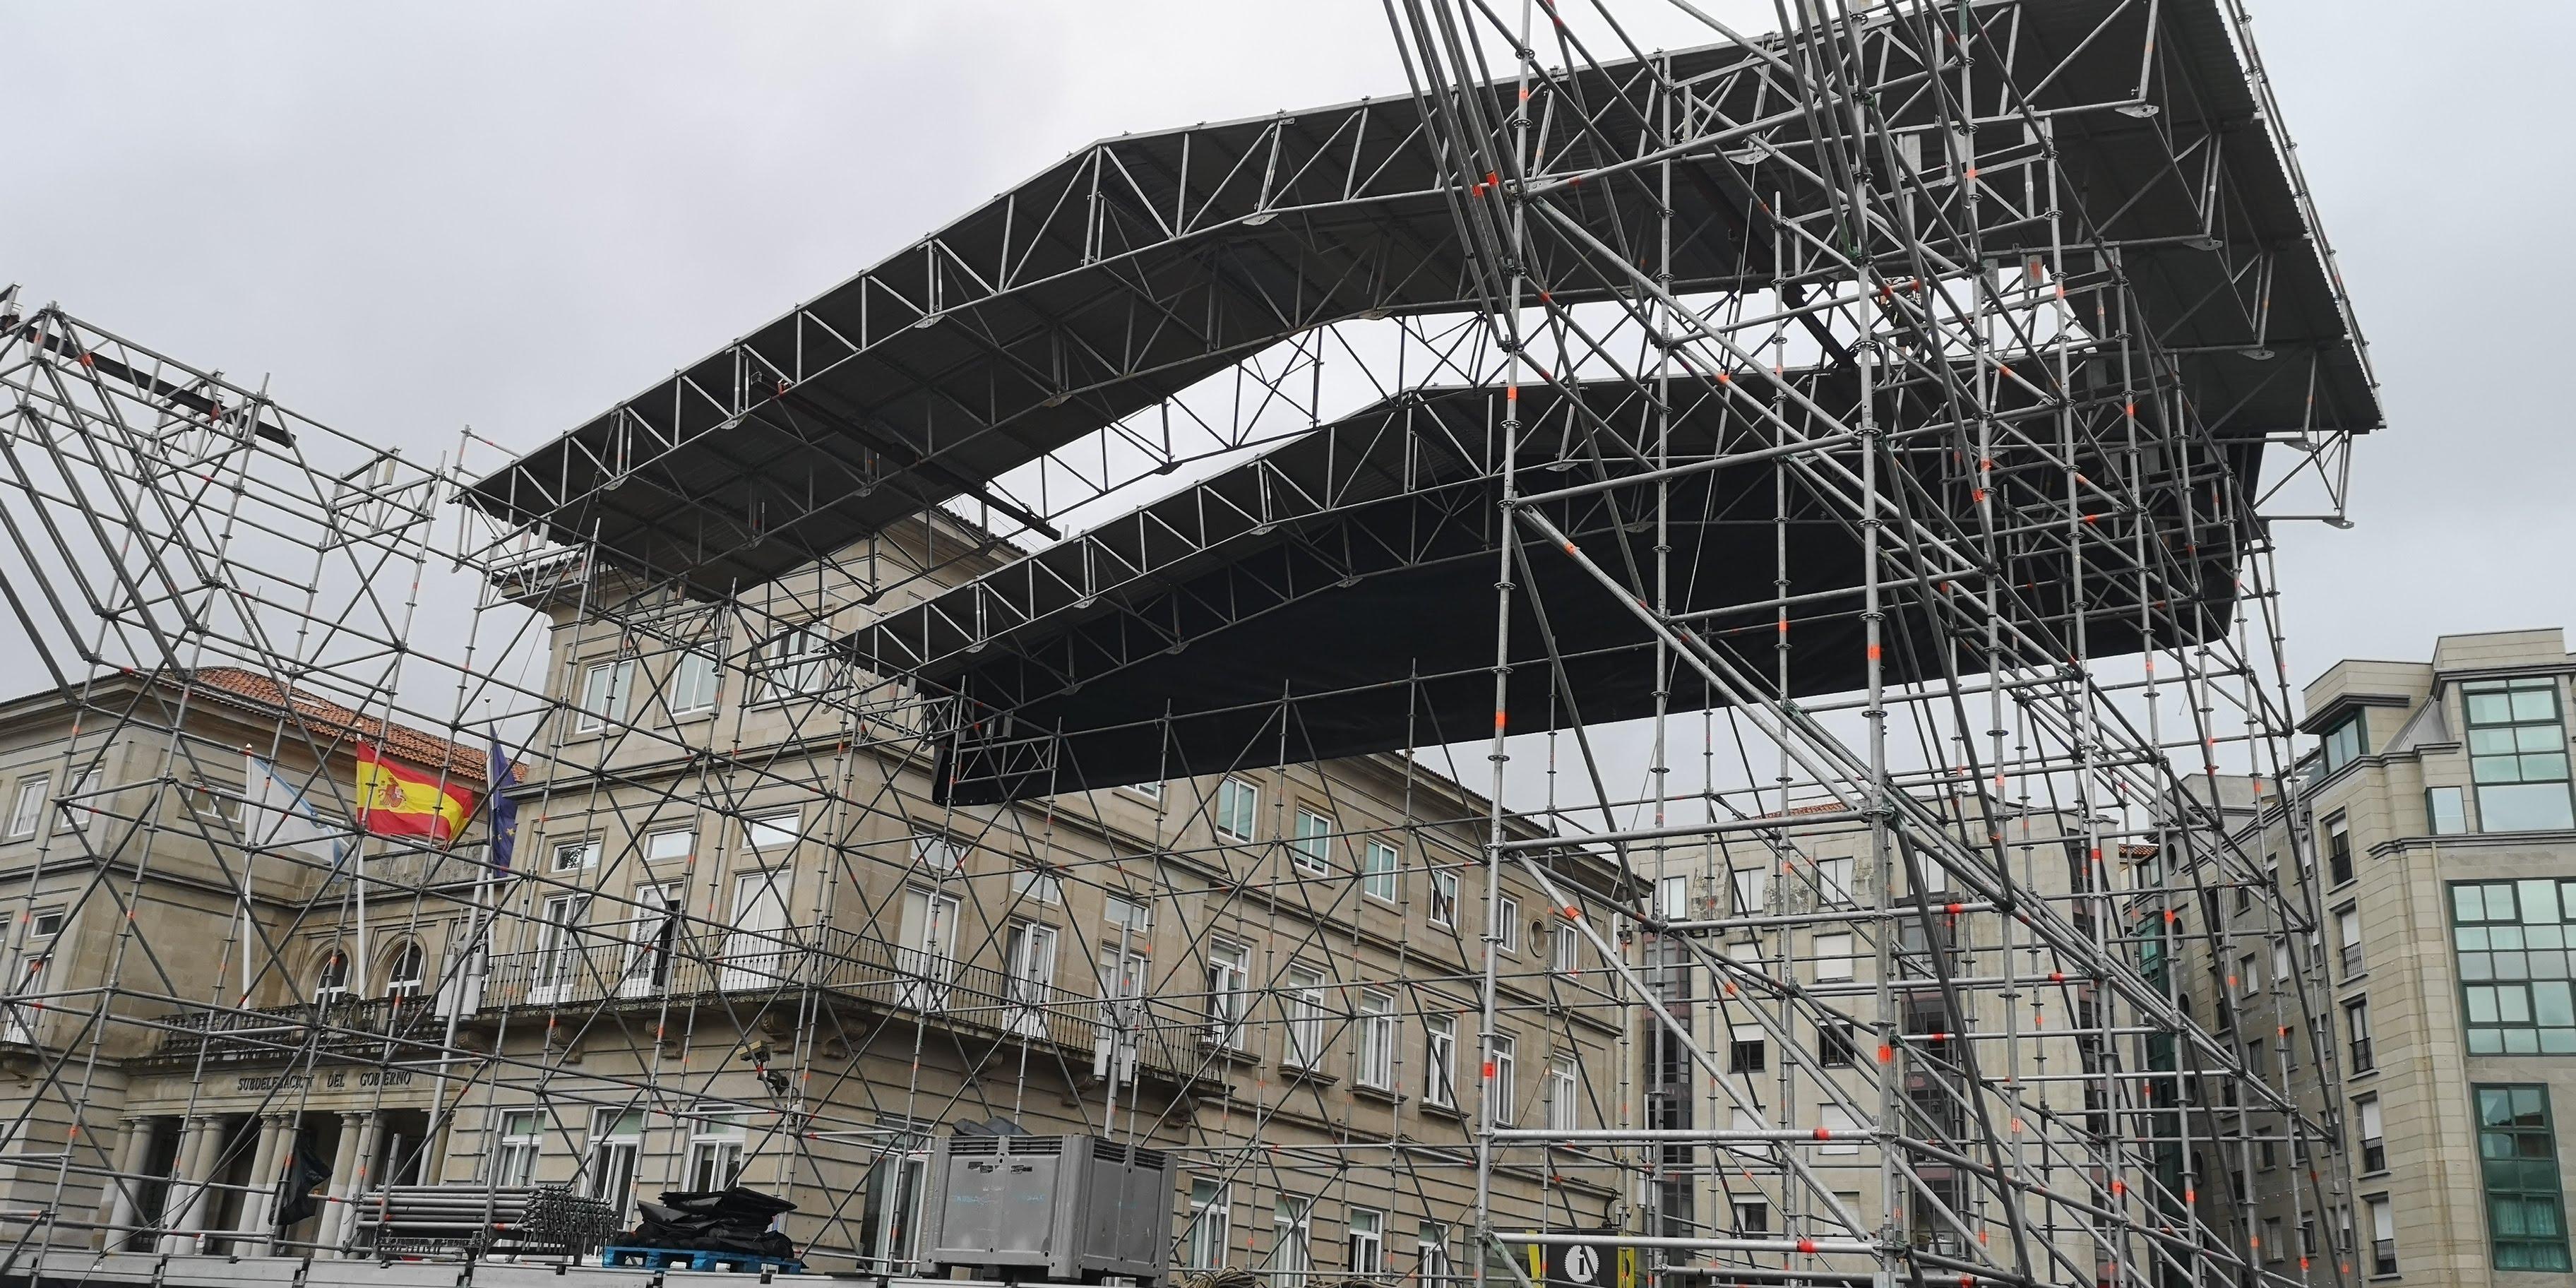 montaje escenario fiestas de la peregrina en pontevedra